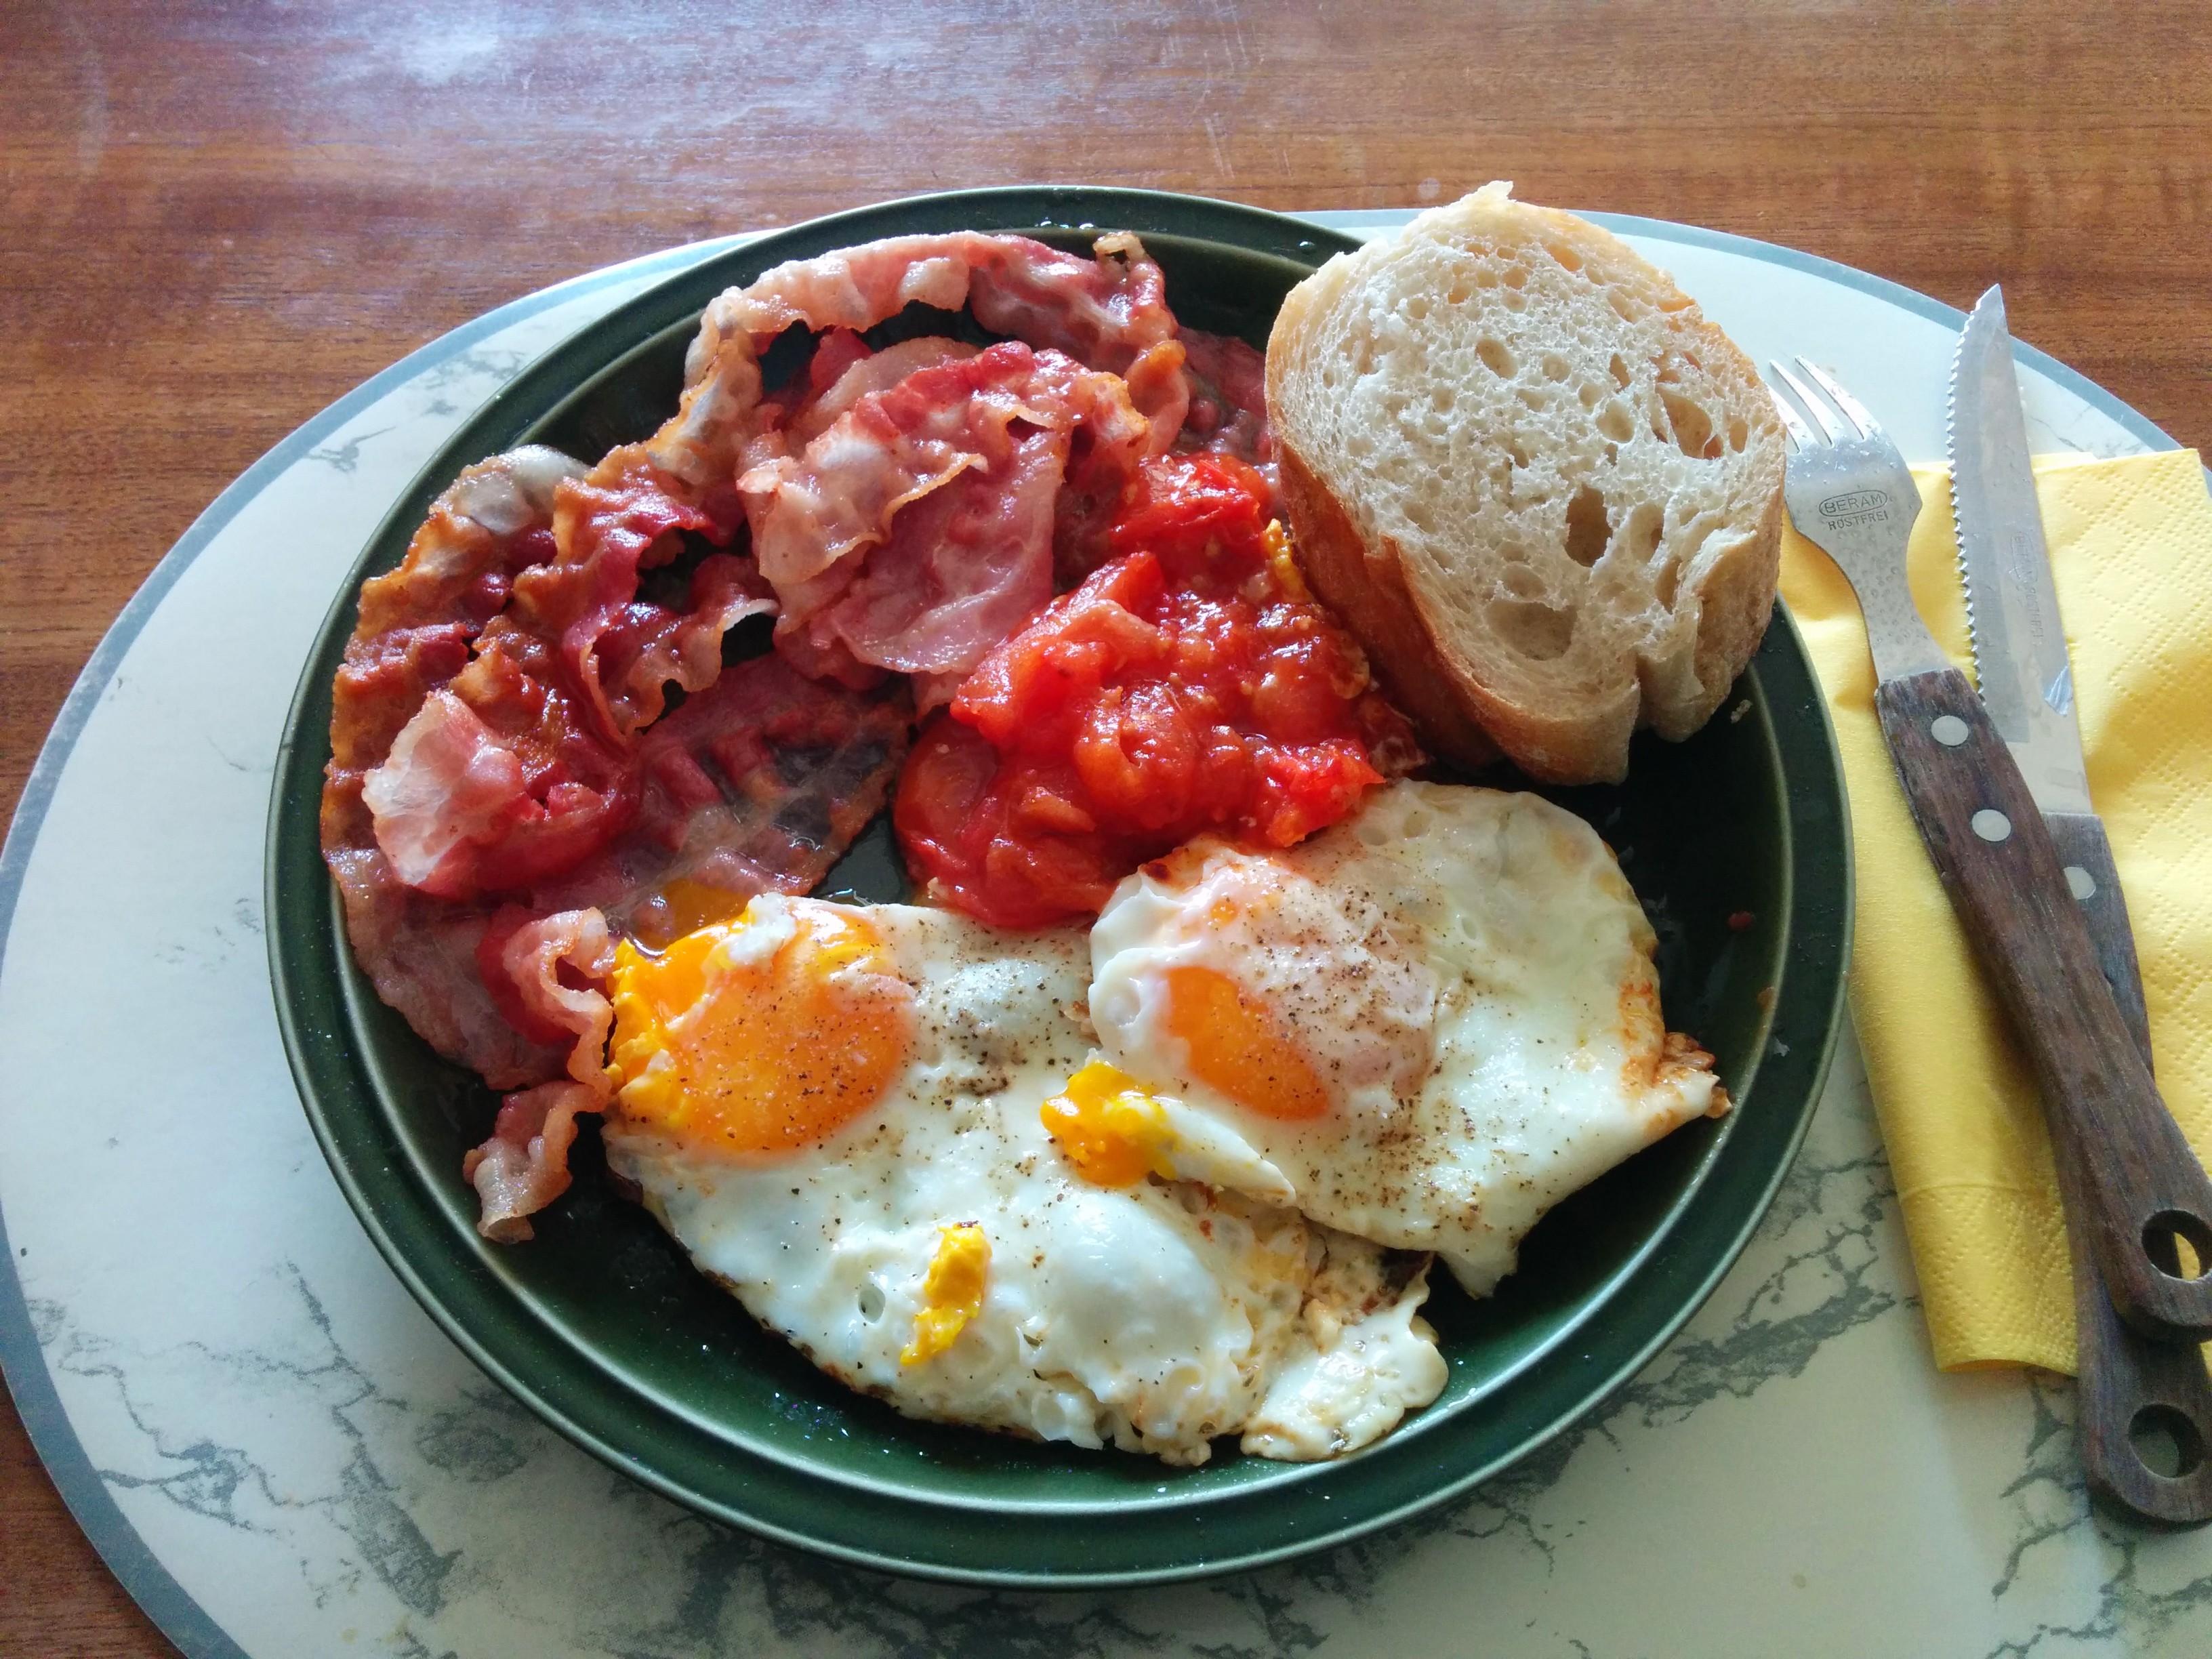 https://foodloader.net/nico_2014-04-06_spiegeleier-mit-speck-tomate-und-brot.jpg